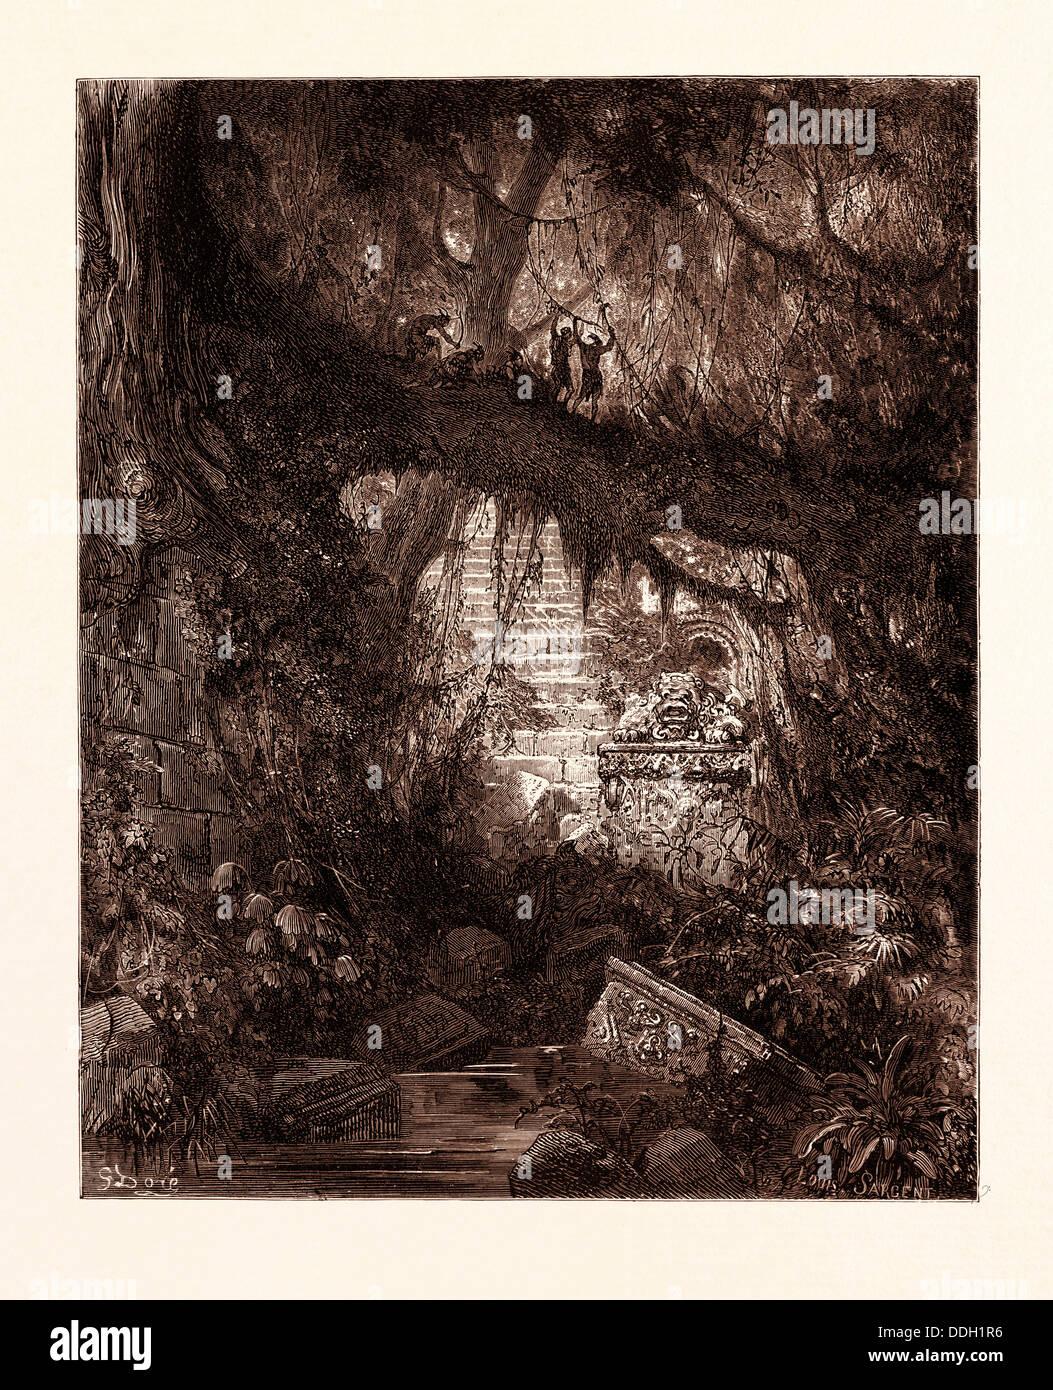 DAS HOLZ DES BLUTES IM ATALA VON GUSTAVE DORÉ. Dore, 1832-1883, Französisch. Gravur für Atala von Stockbild